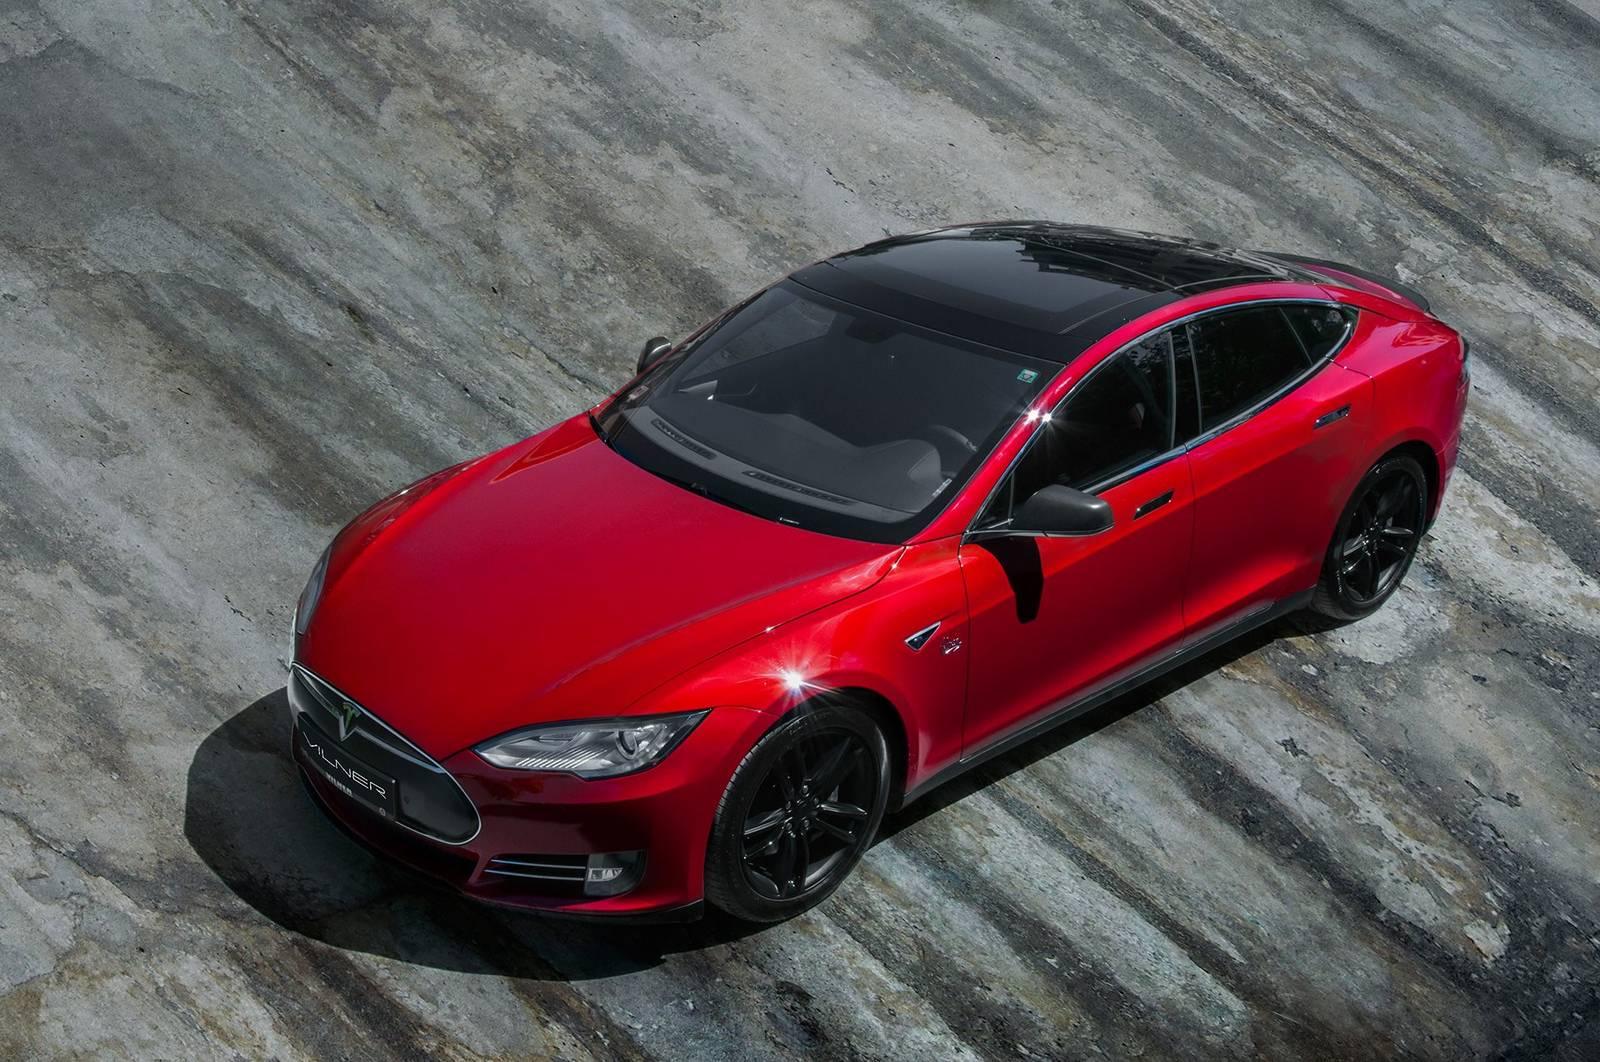 Электромобили Tesla задержали при въезде на высокогорный курорт по соображениям экологии - 1